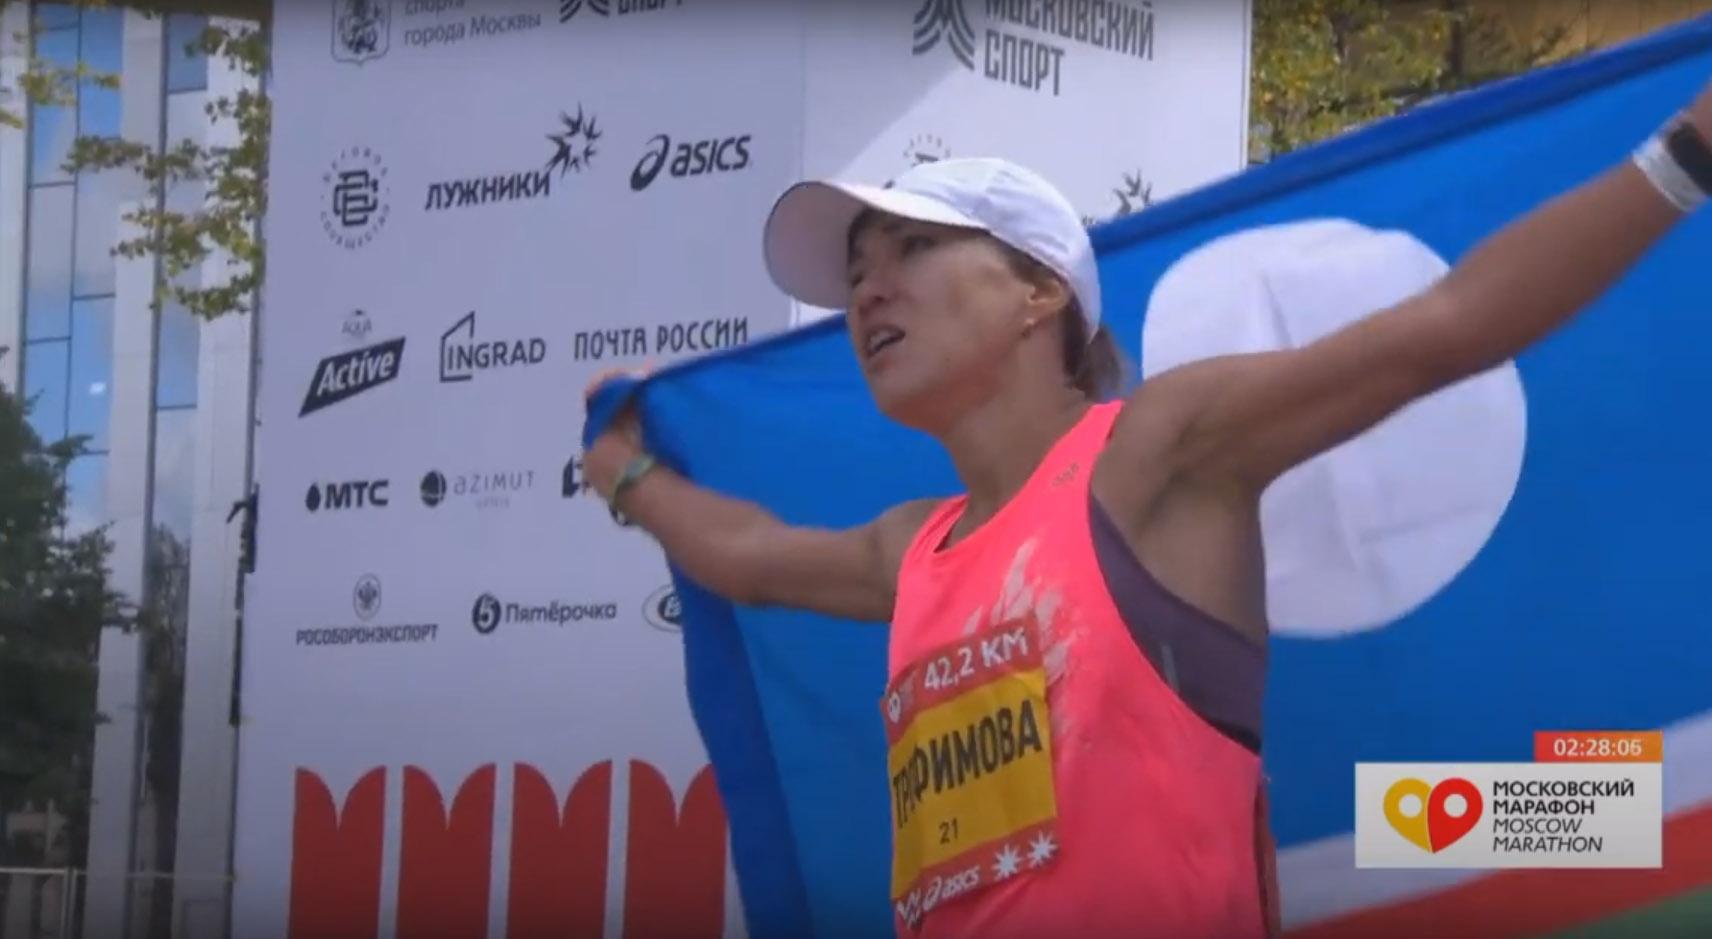 Сардана Трофимова стала трехкратной чемпионкой Московского марафона